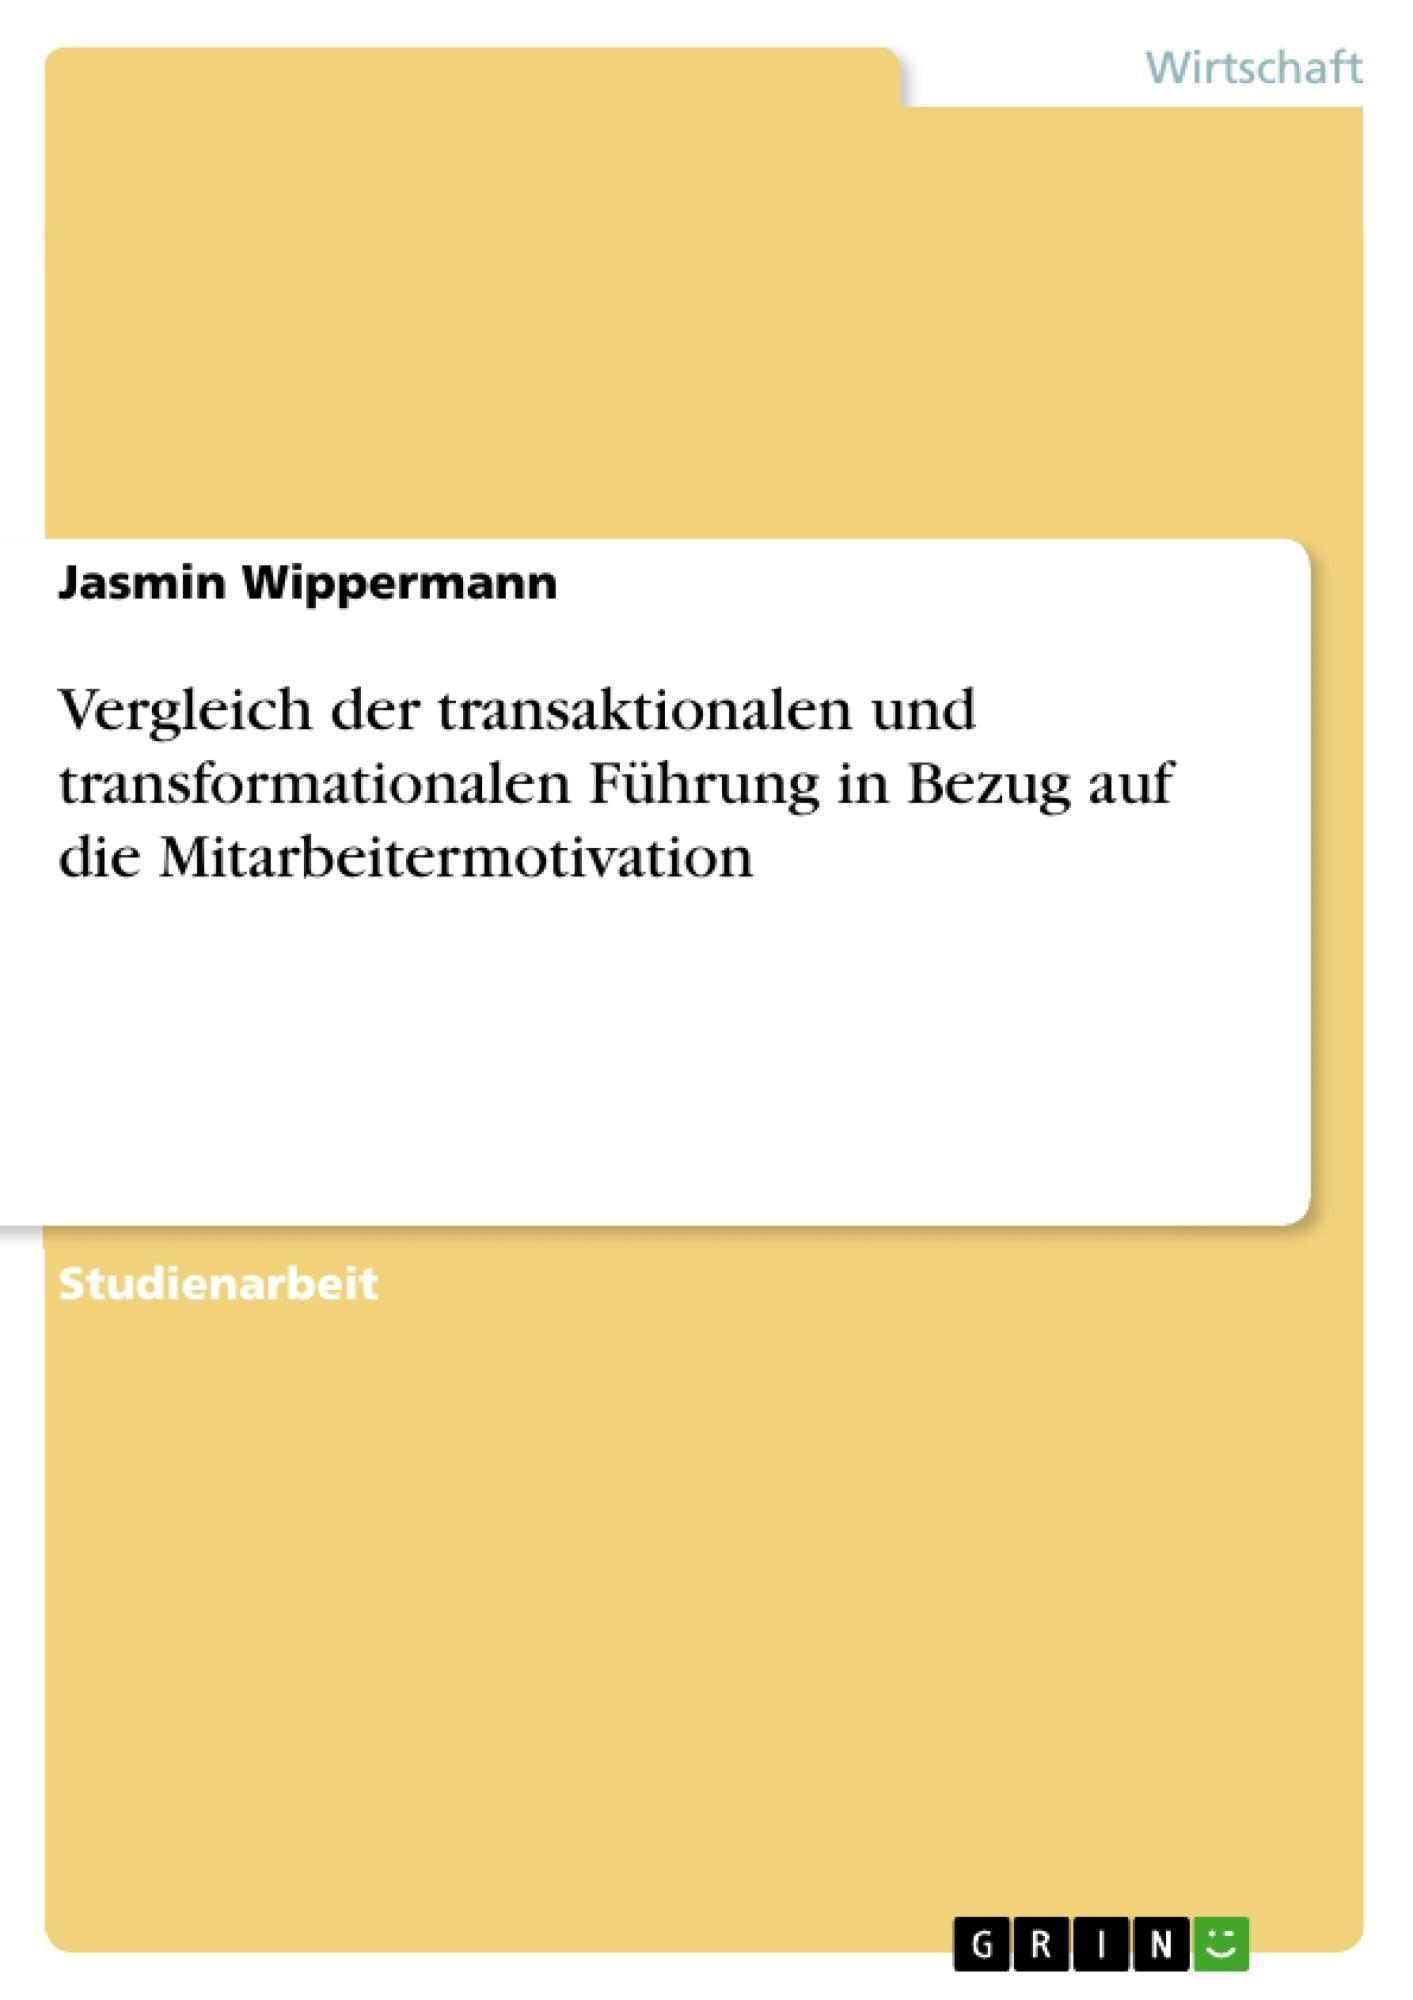 Titel: Vergleich der transaktionalen und transformationalen Führung in Bezug auf die Mitarbeitermotivation